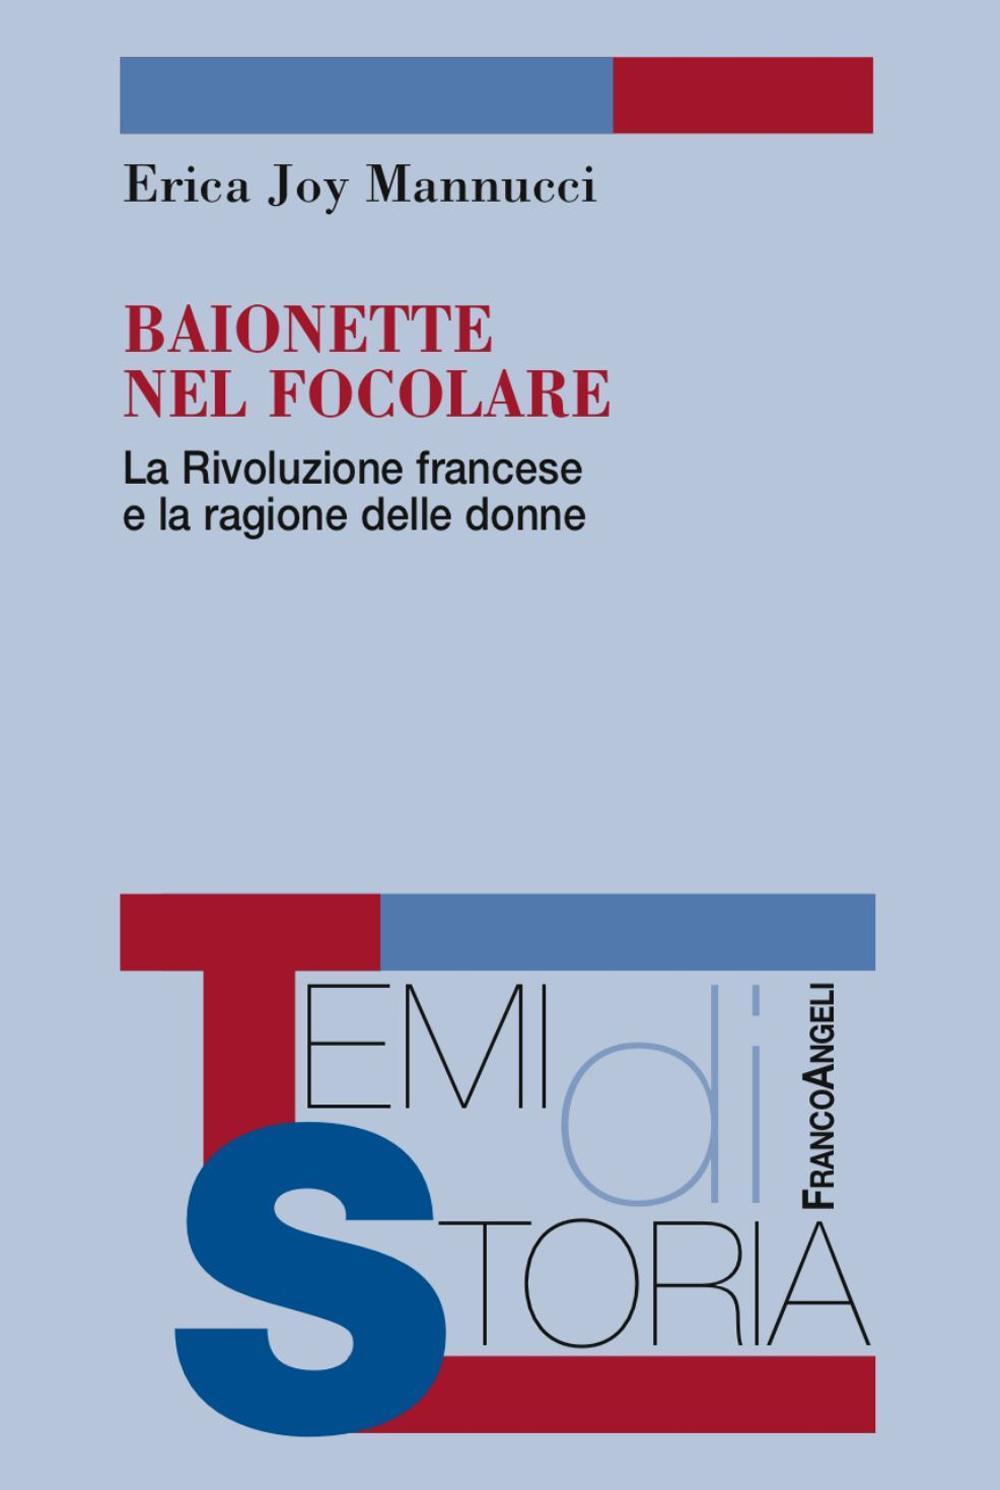 Baionette nel focolare. La Rivoluzione francese e la ragione delle donne